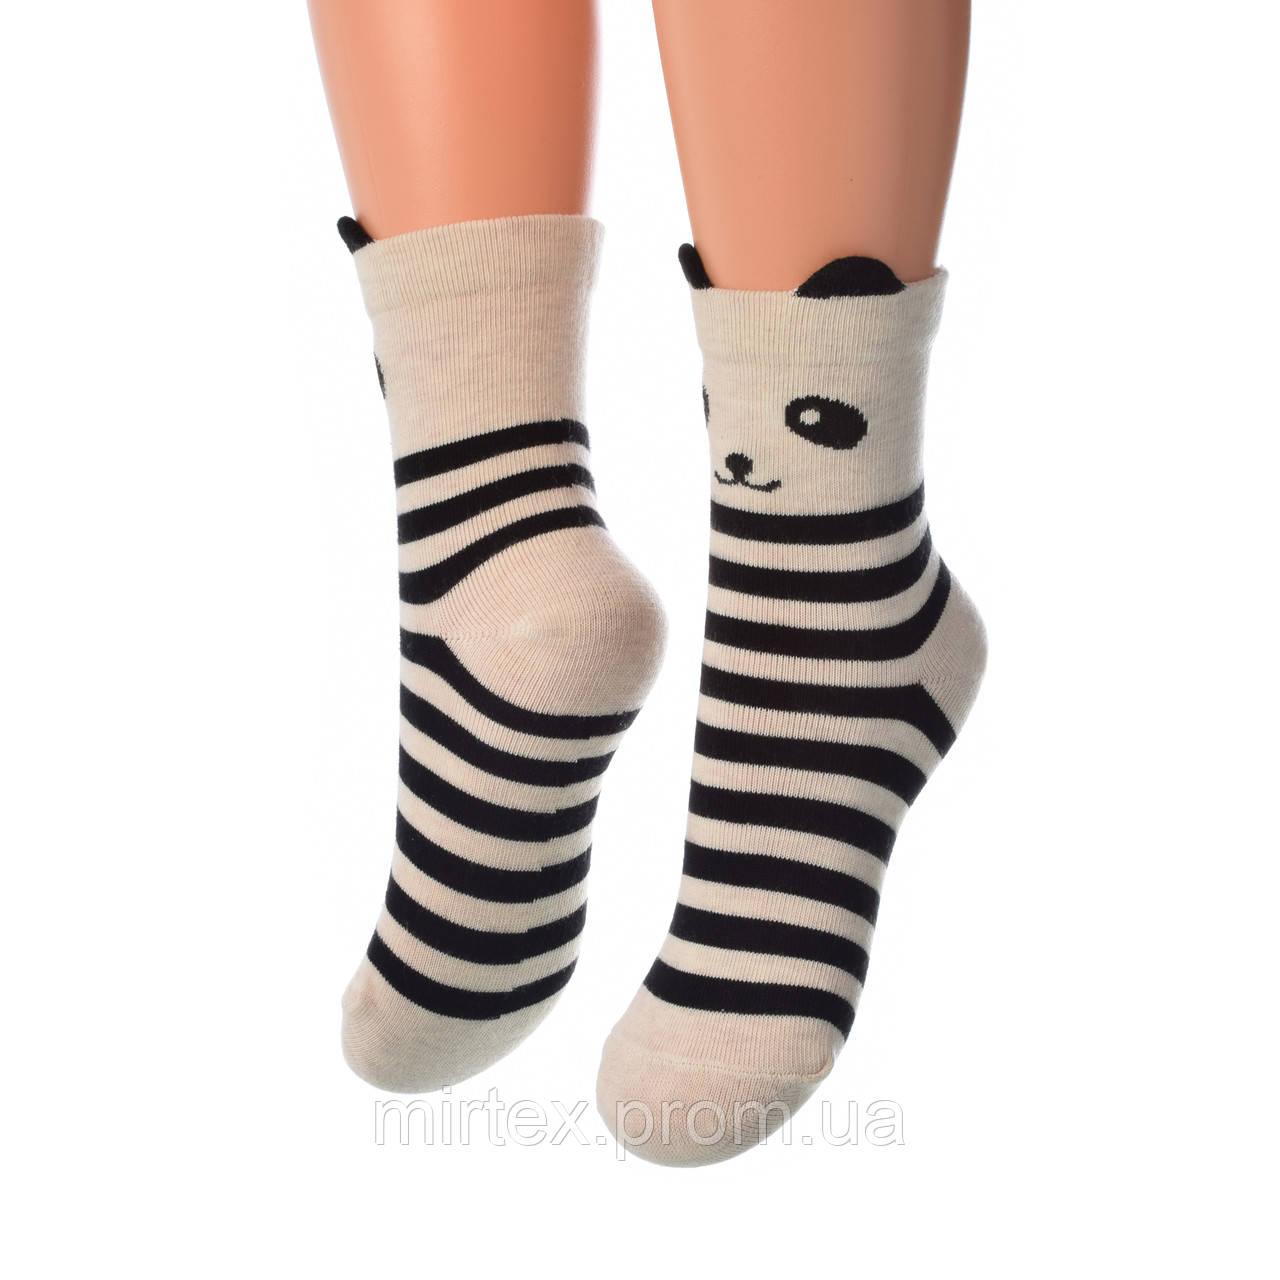 Носки детские для девочек демисезонные Панда Anita Kids